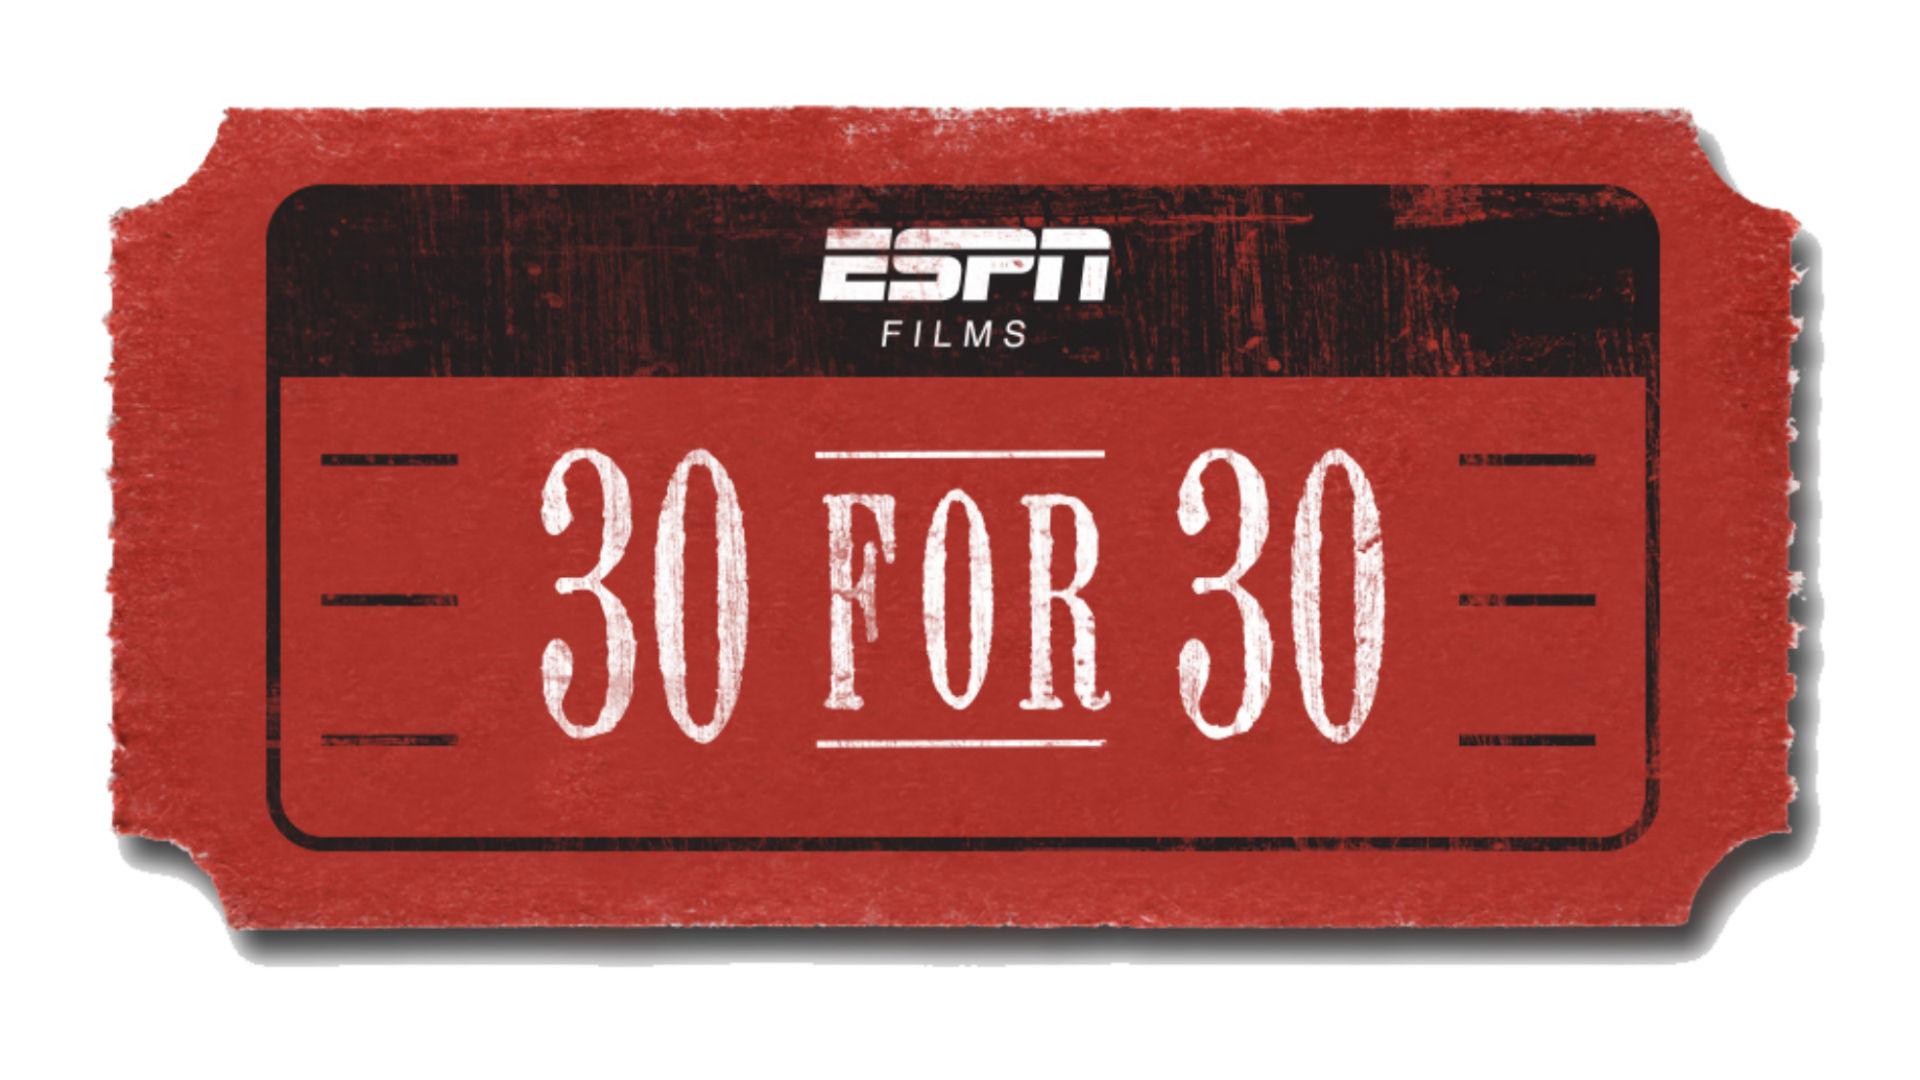 Aquí están los mejores documentales de ESPN '30 por 30 'por deporte para su próximo atracón 2